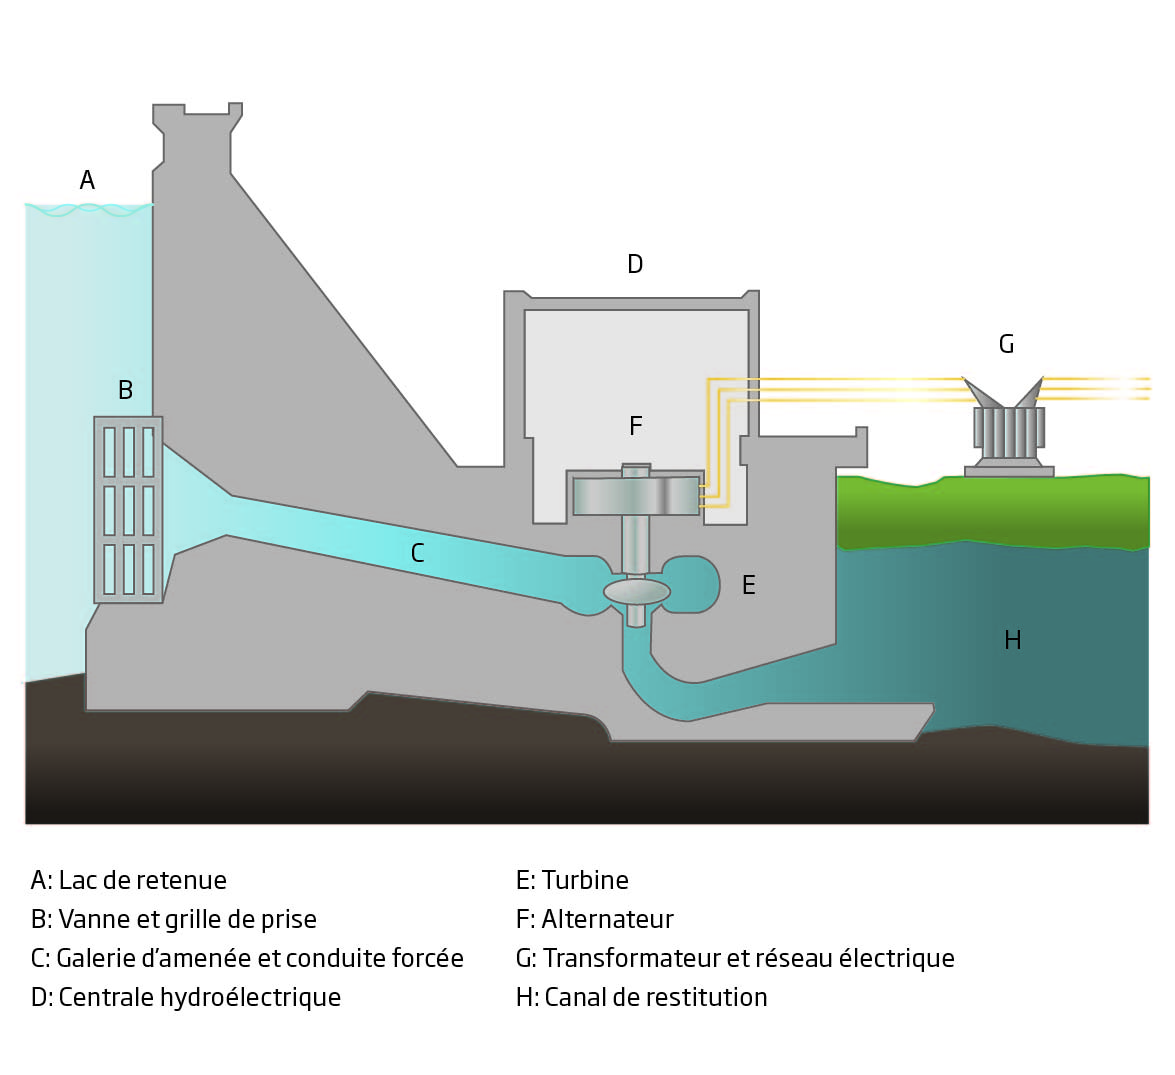 Schéma de fonctionnement d'un barrage